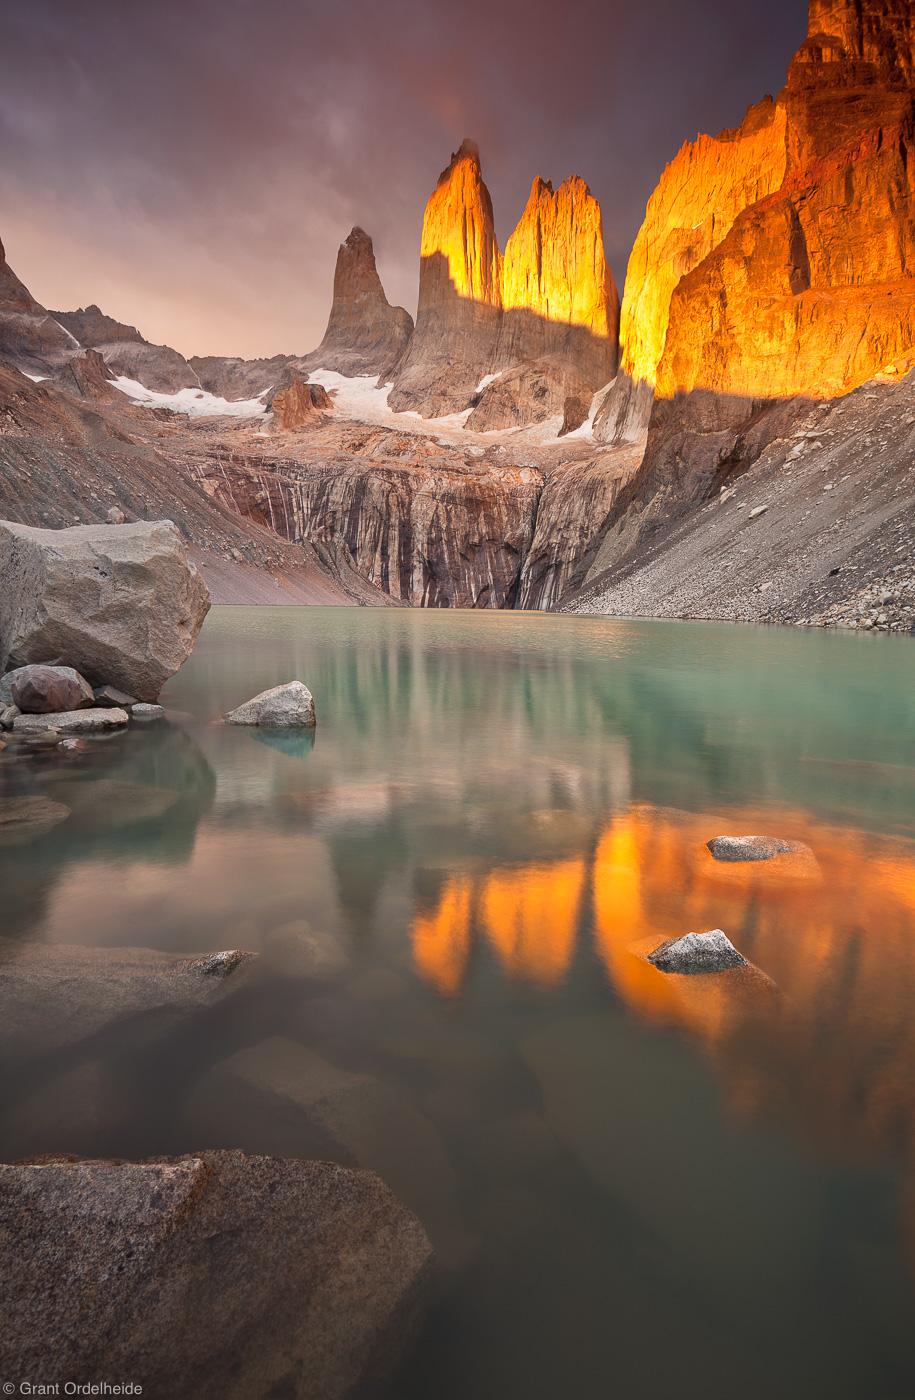 los, torres, sunrise, del, paine, national, park, famous, impressive, lucky, light , photo